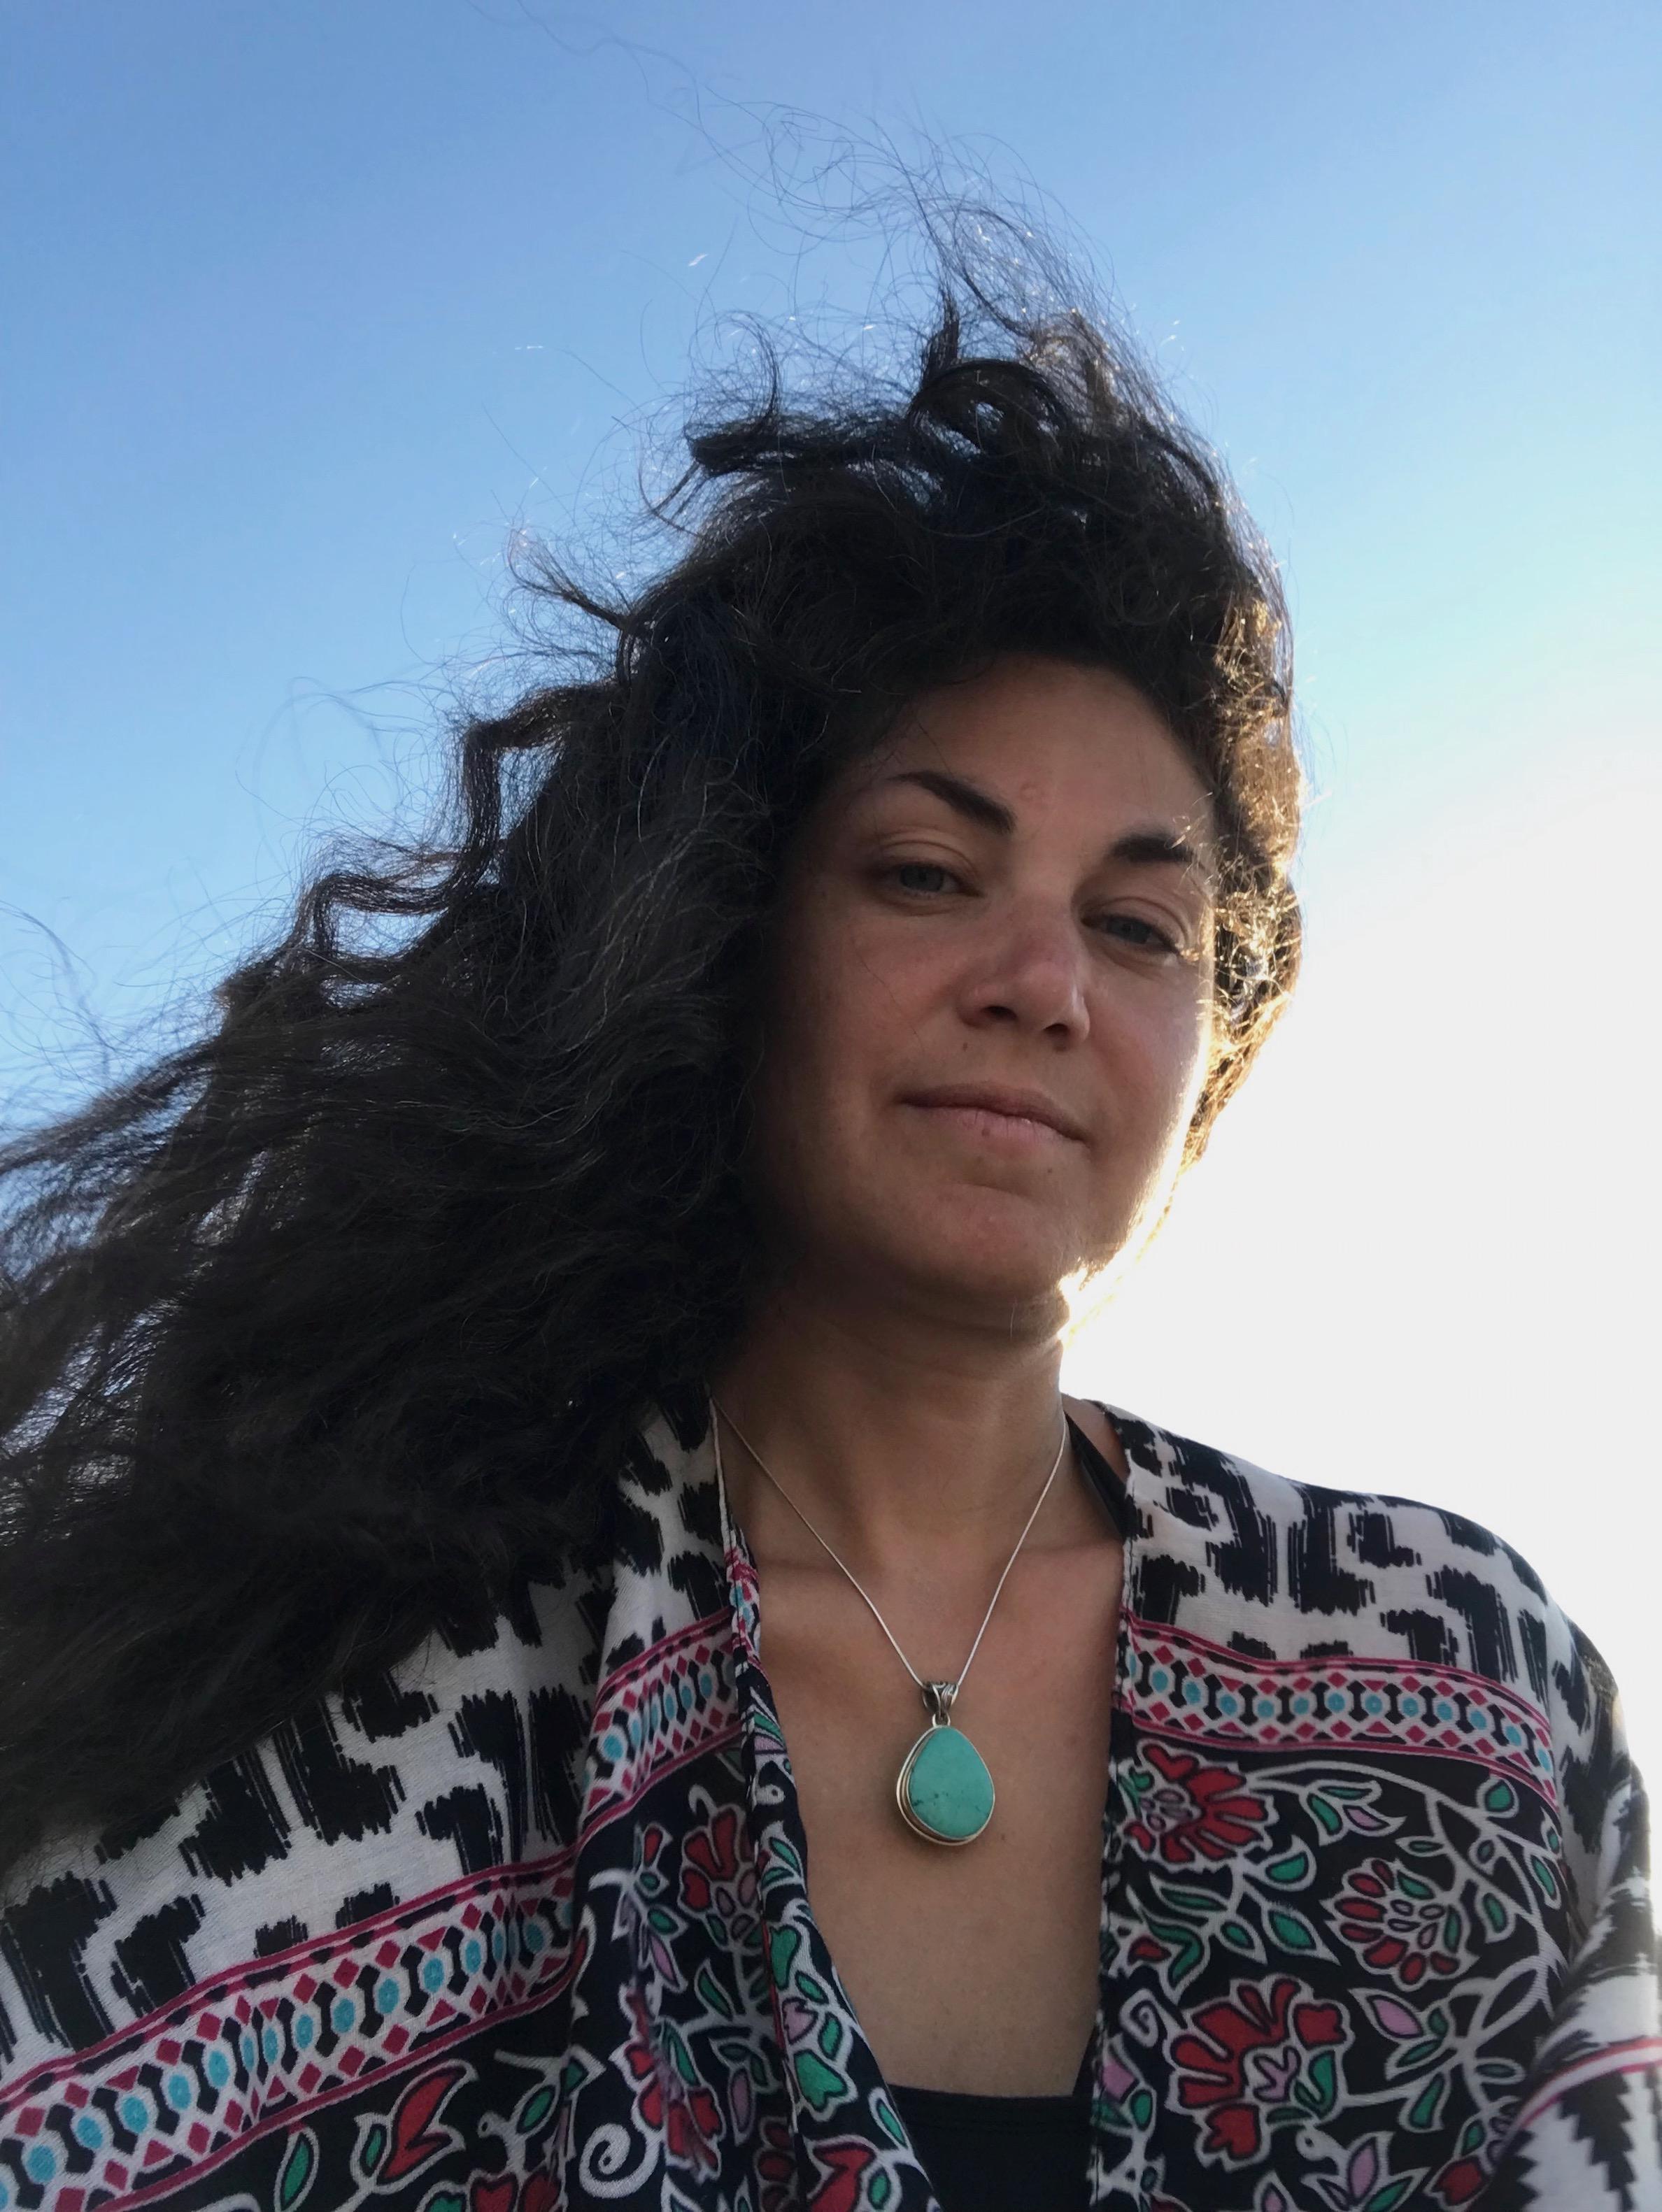 Lauren LaRocca summer solstice 2019